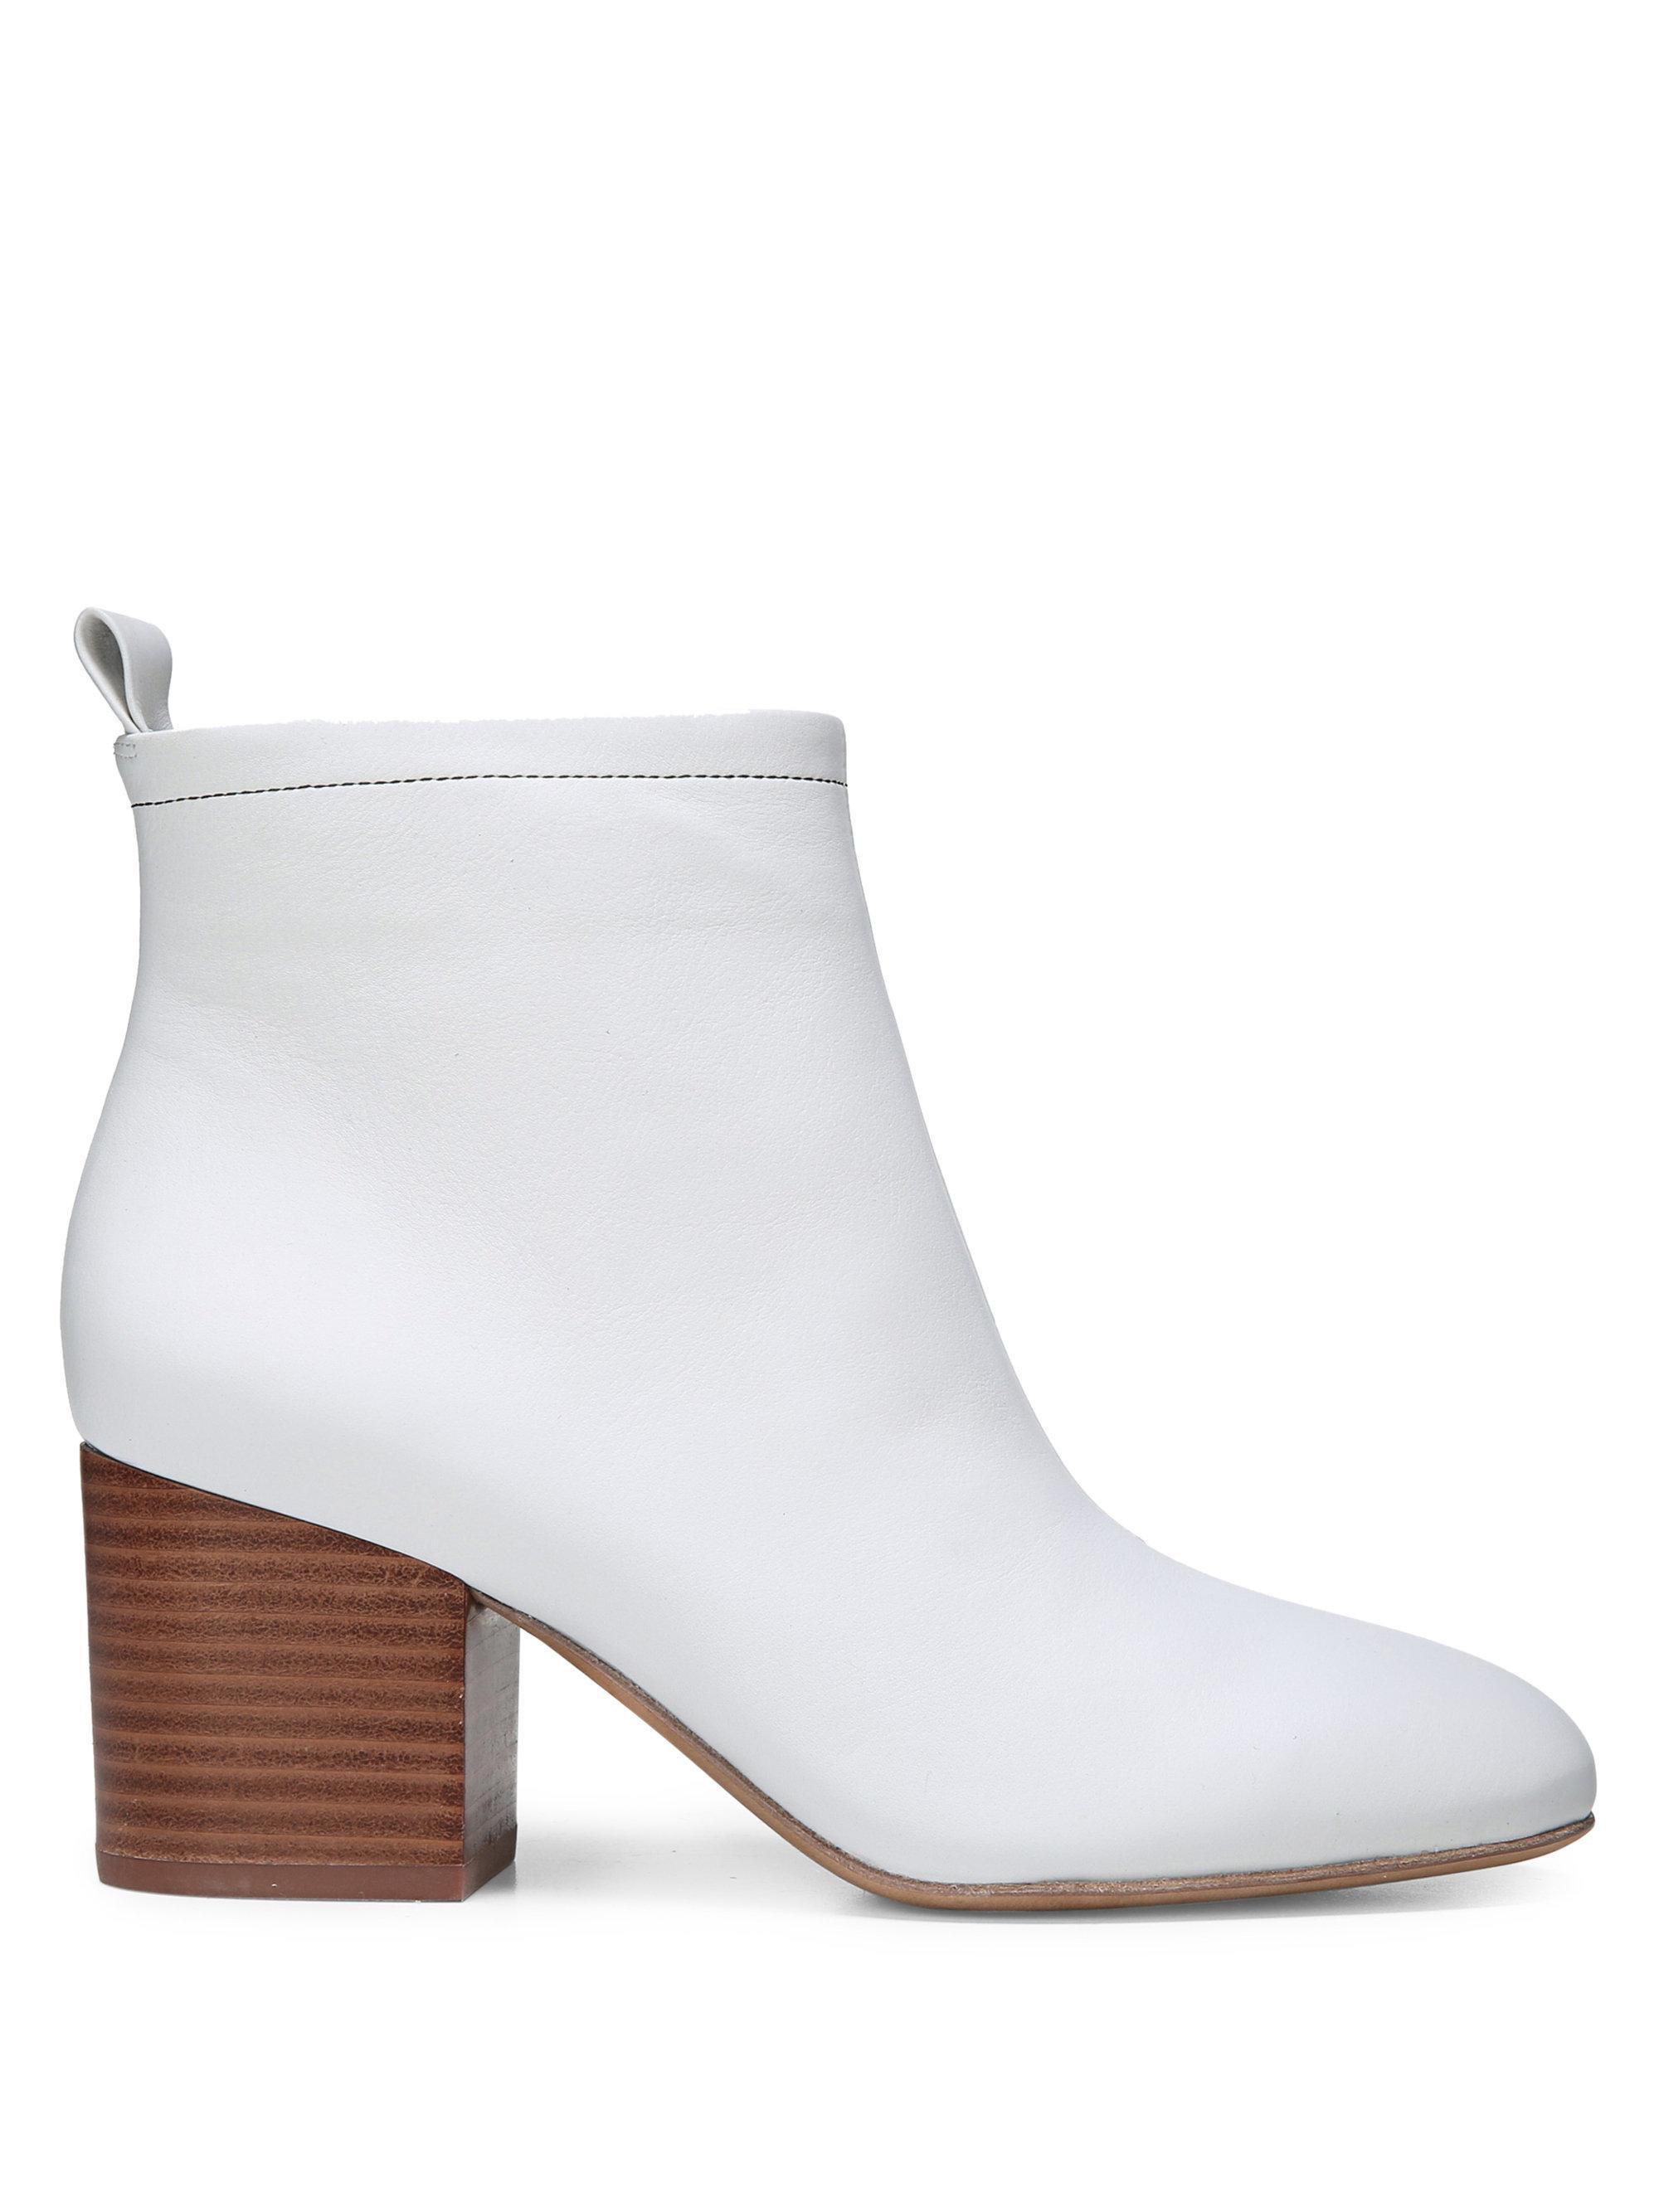 Diane von Furstenberg Matte Leather Booties IBiubA